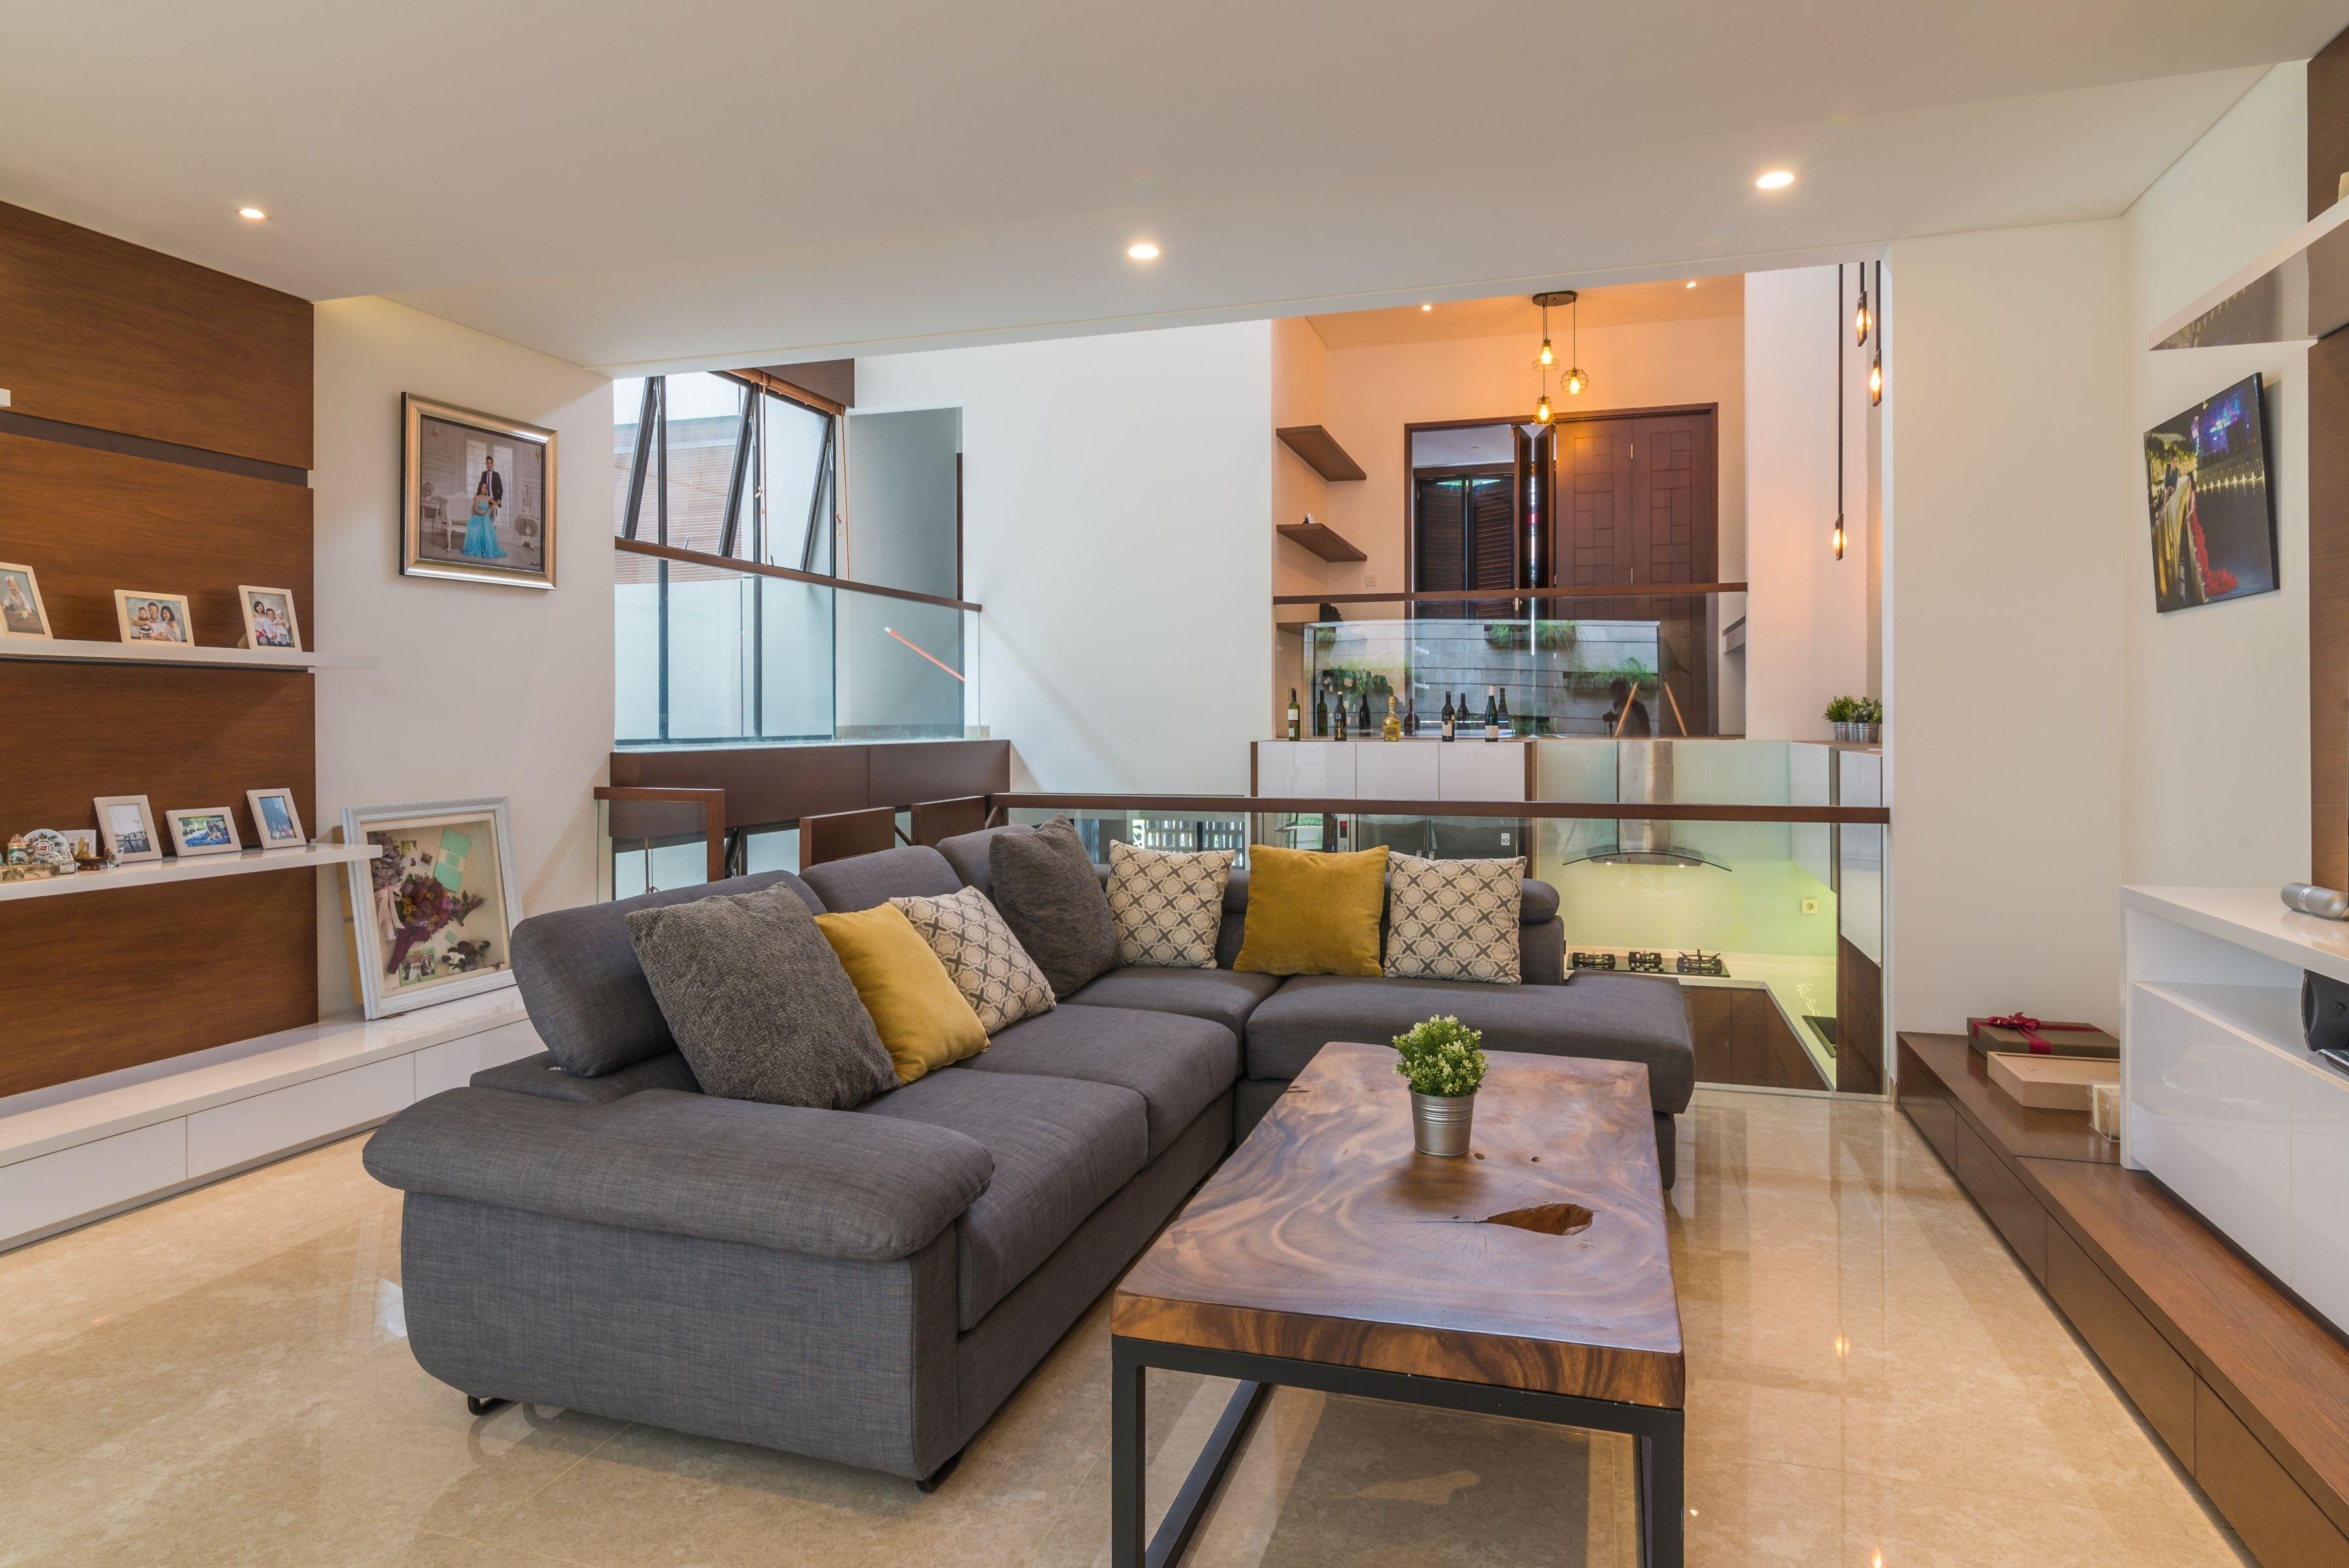 Tambahan Bantal Pada Sofa Memperindah Tampilan Desain Ruang Tamu Portofolio By Arch Id